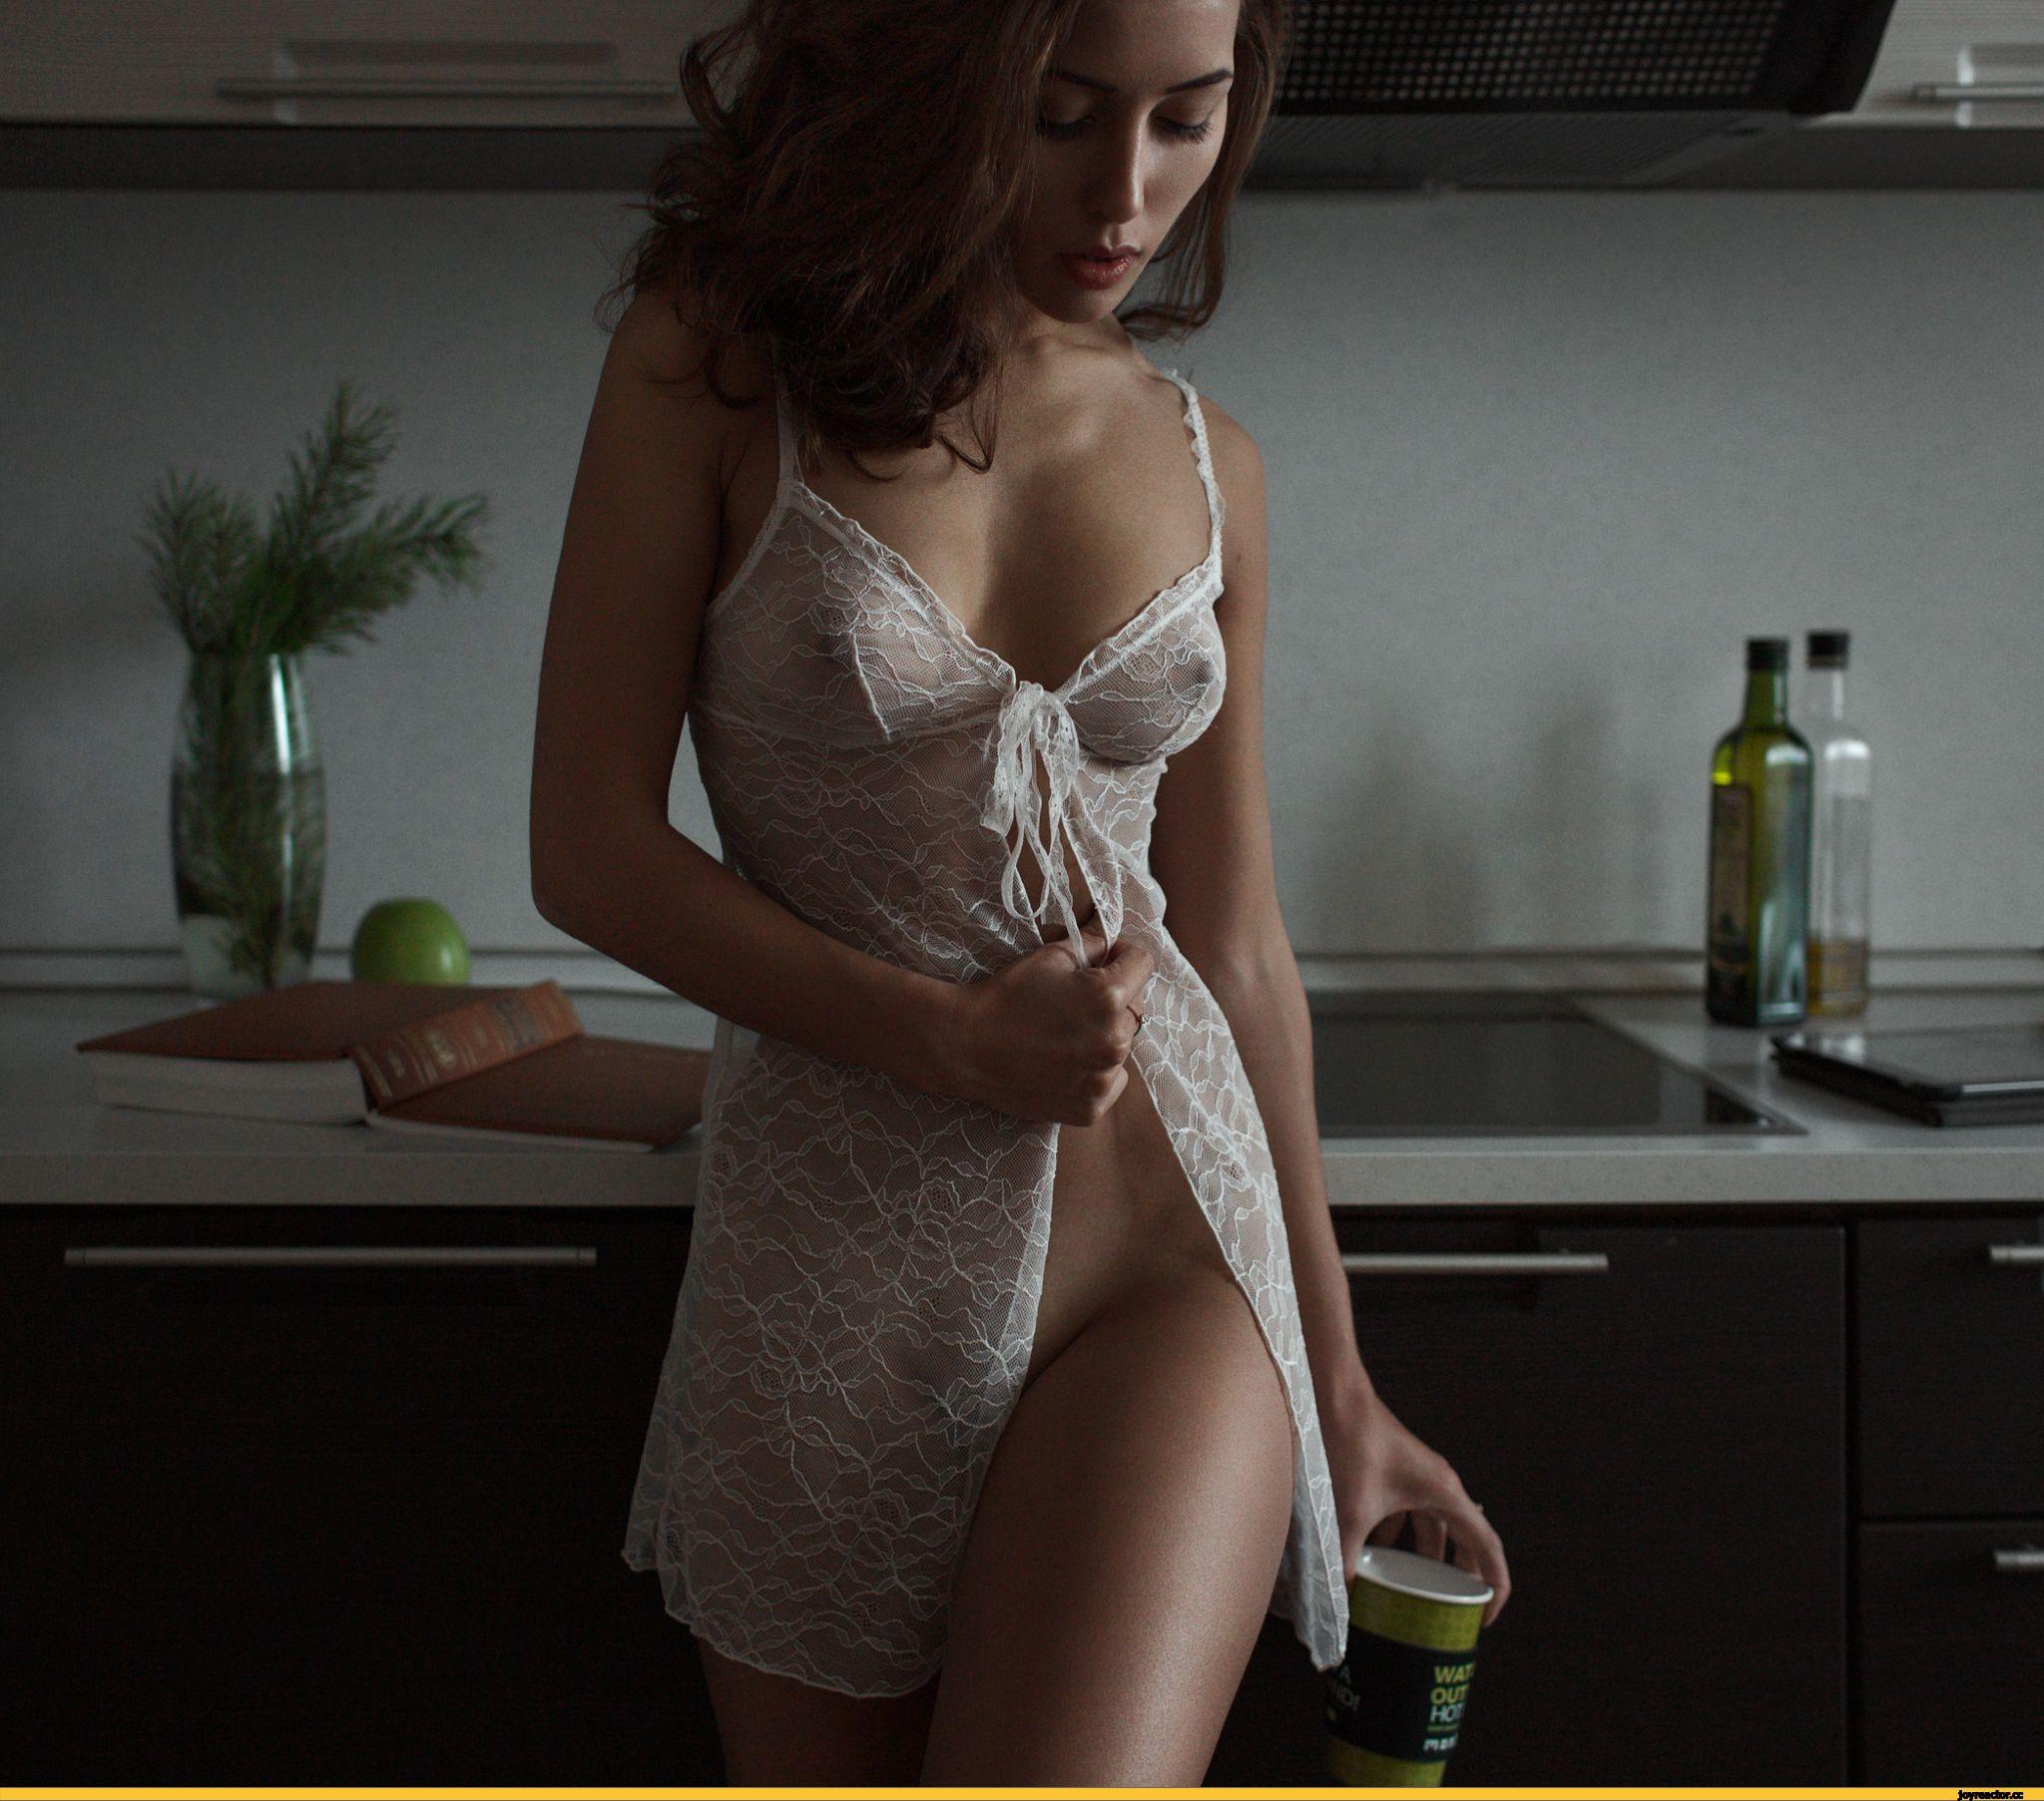 Фото голи девшка 6 фотография